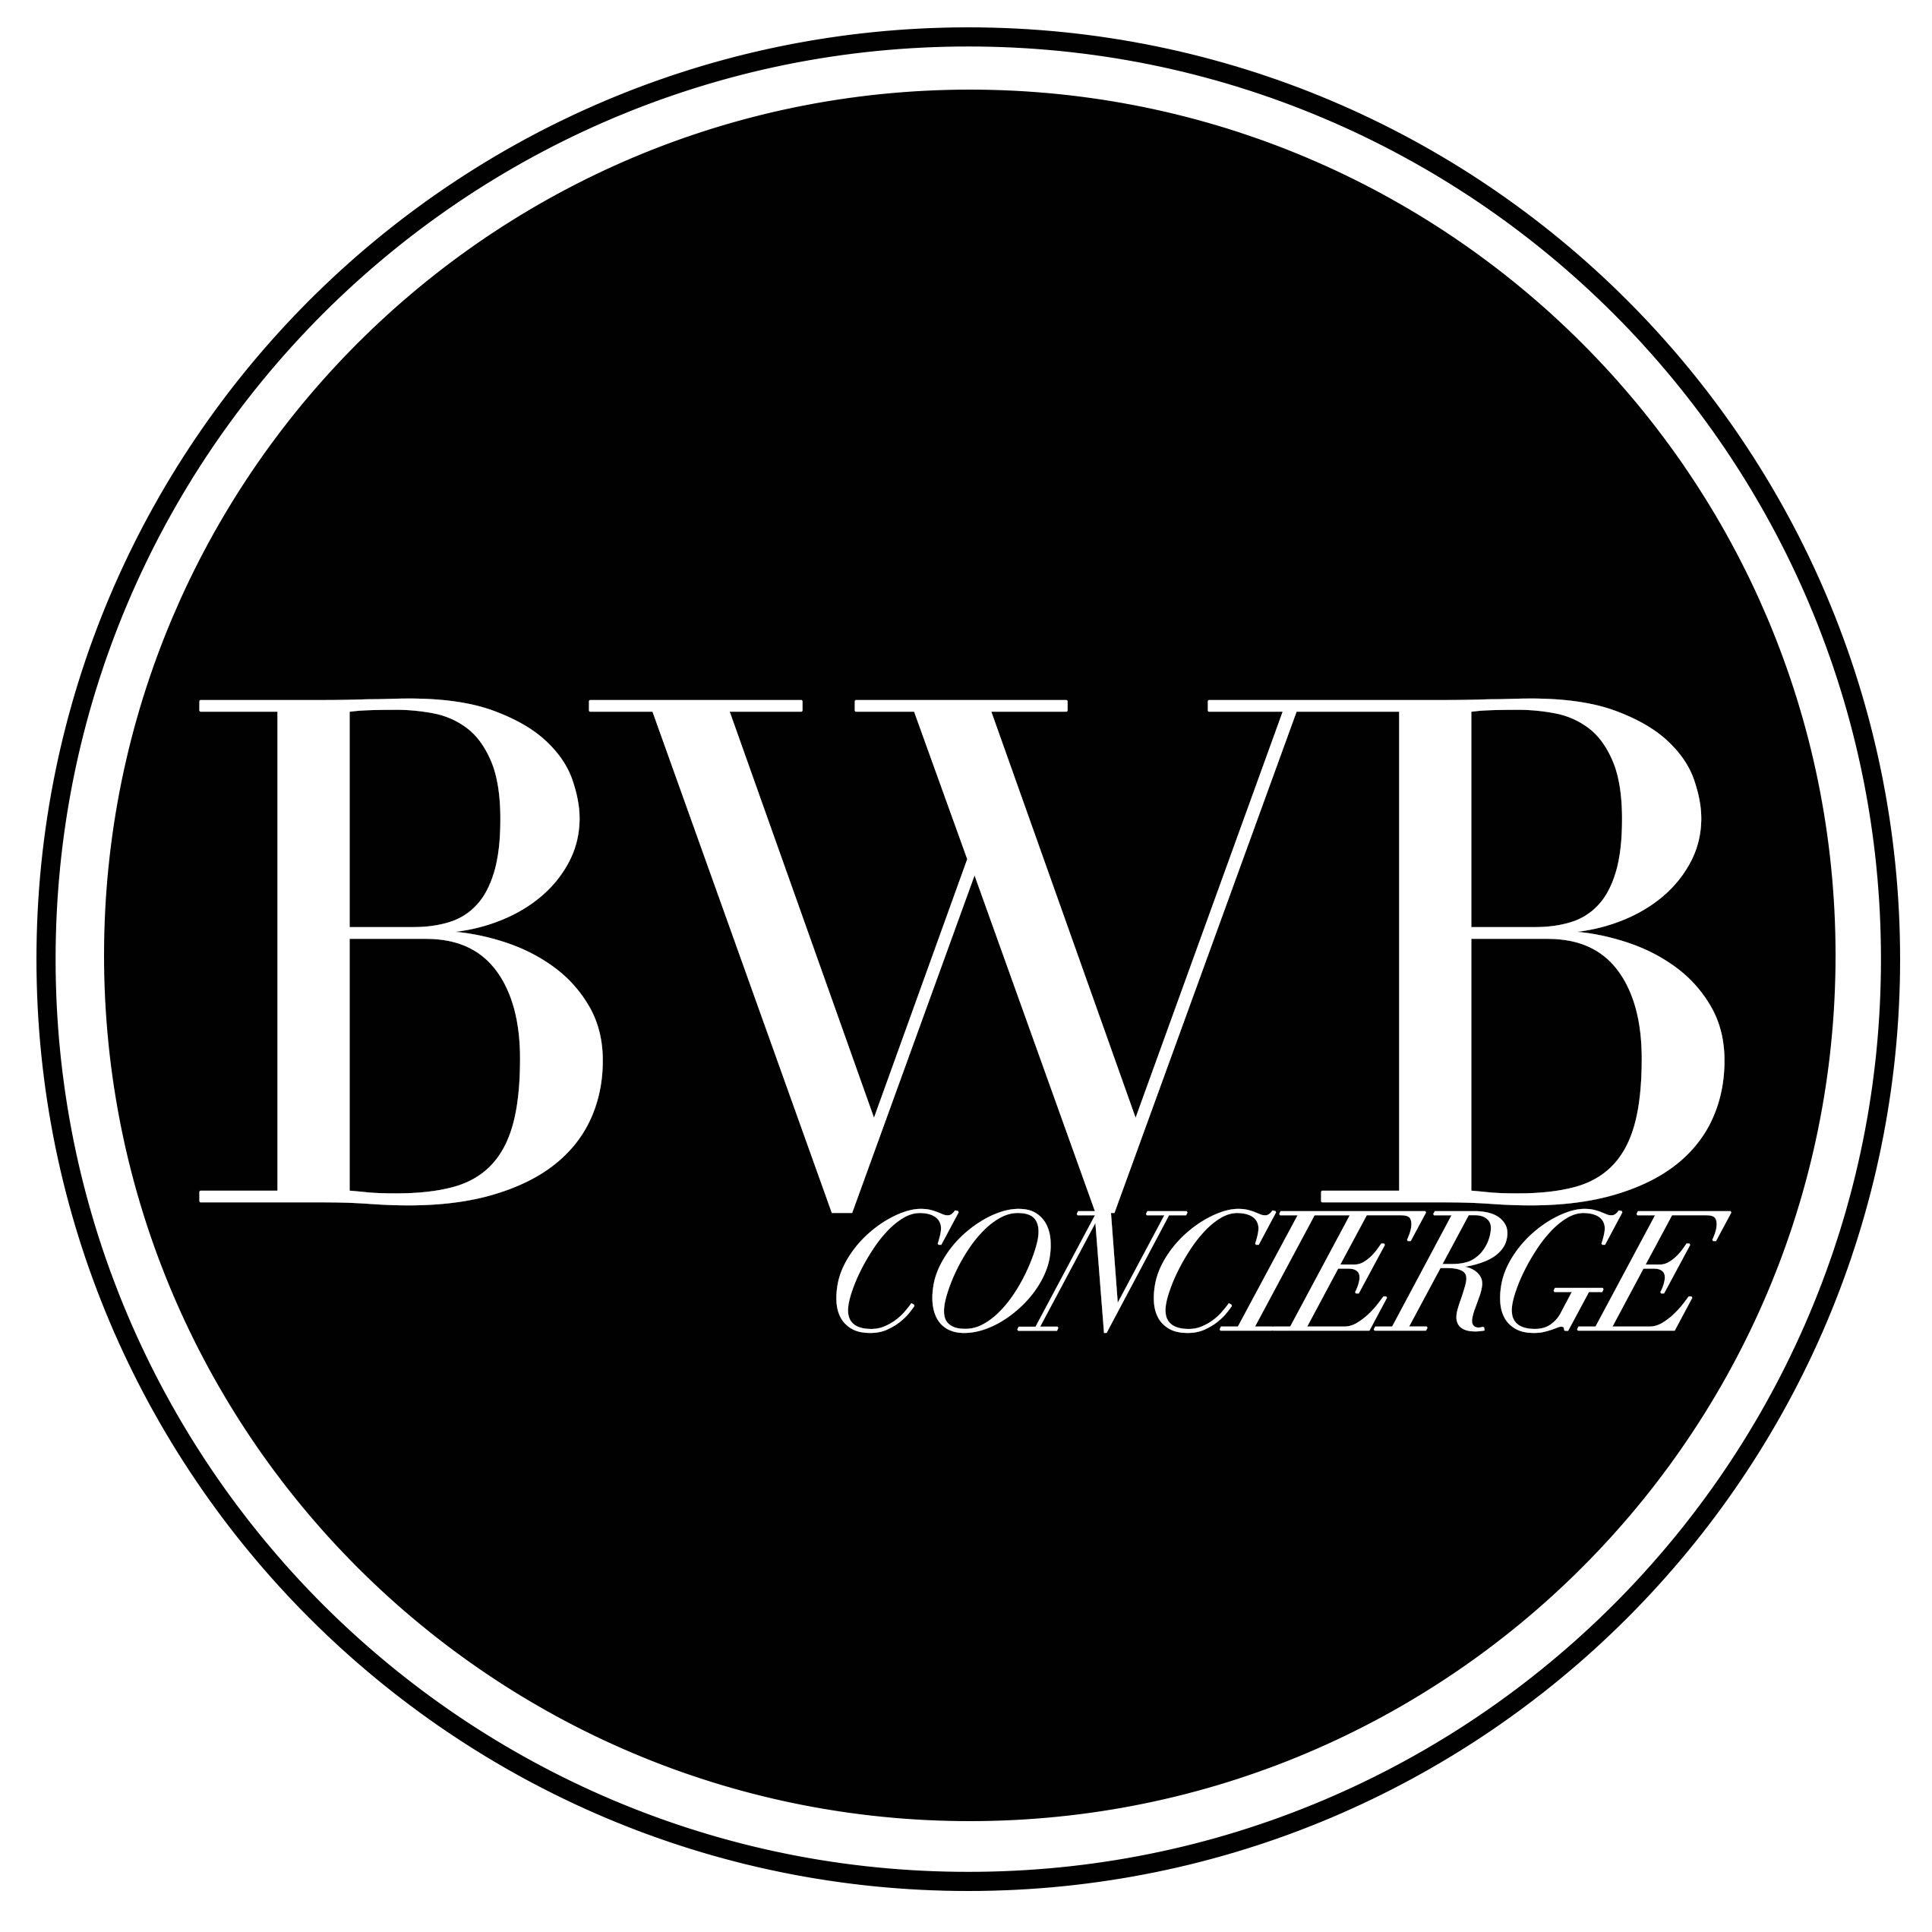 bwbconcierge